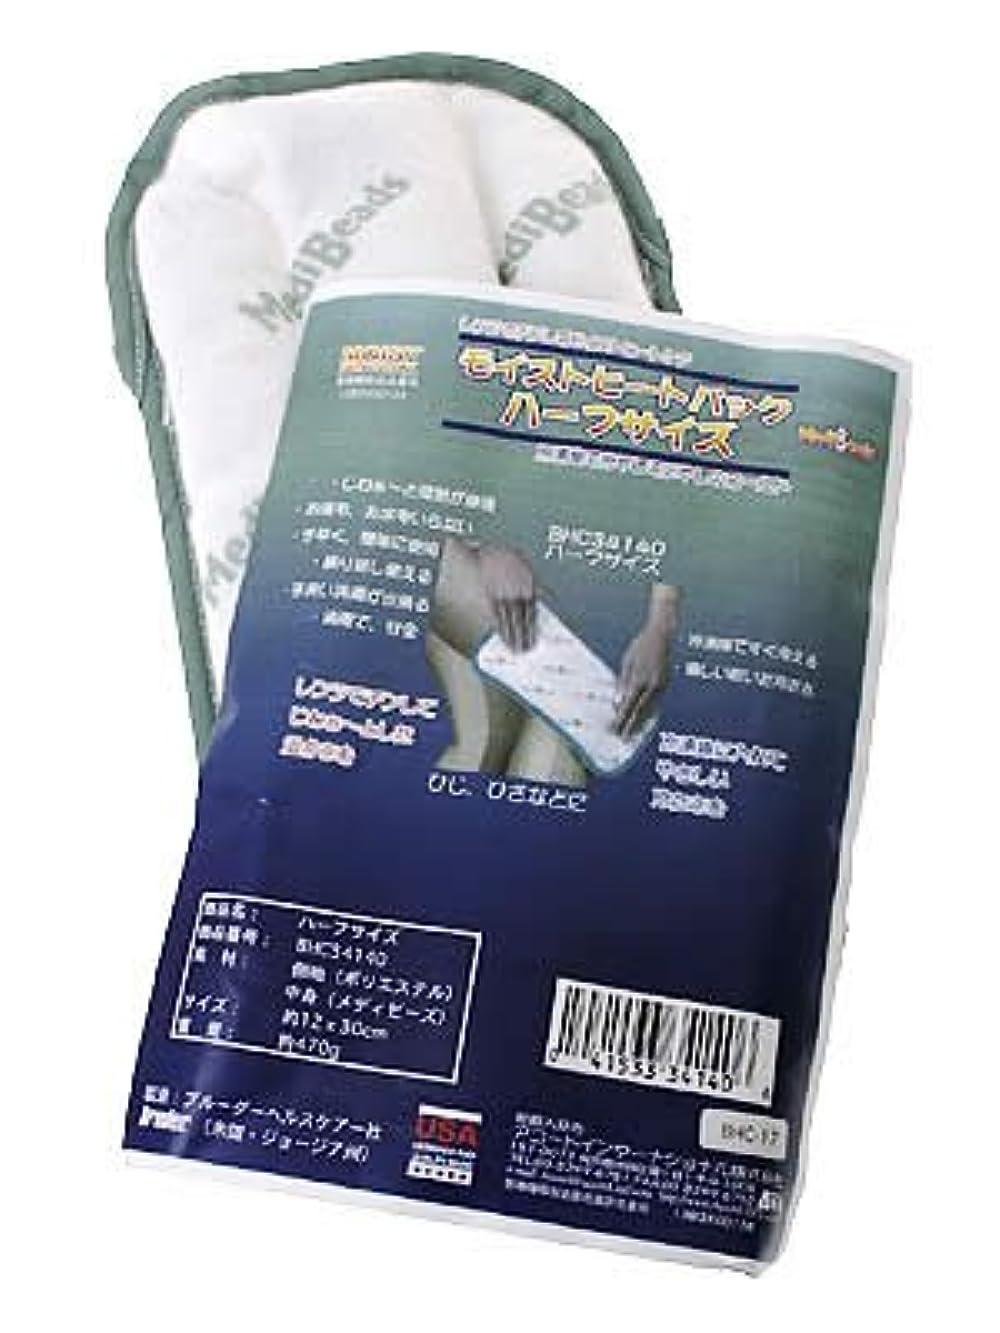 受信機高尚なフィットネス【一般医療機器】アコードインターナショナル (BHC34140) モイストヒートパック メディビーズ (ハーフサイズ) 12×30cm 温湿熱パック 温熱療法